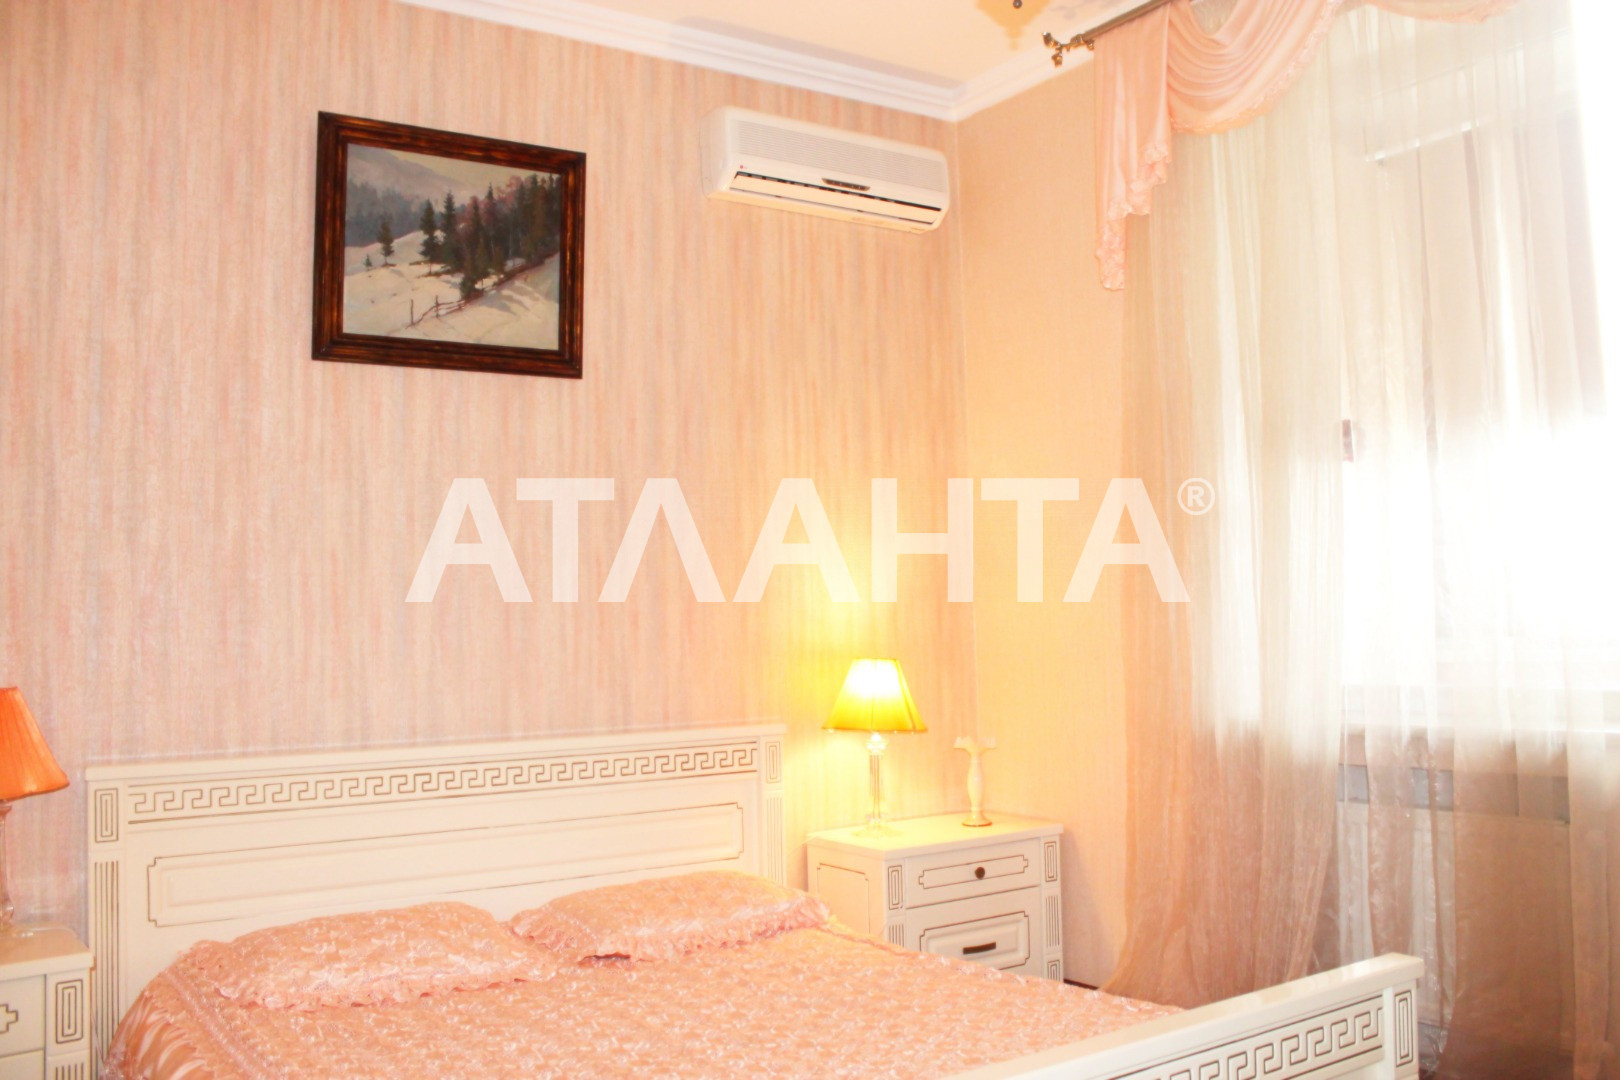 Продается 2-комнатная Квартира на ул. Фонтанская Дор. (Перекопской Дивизии) — 300 000 у.е. (фото №8)